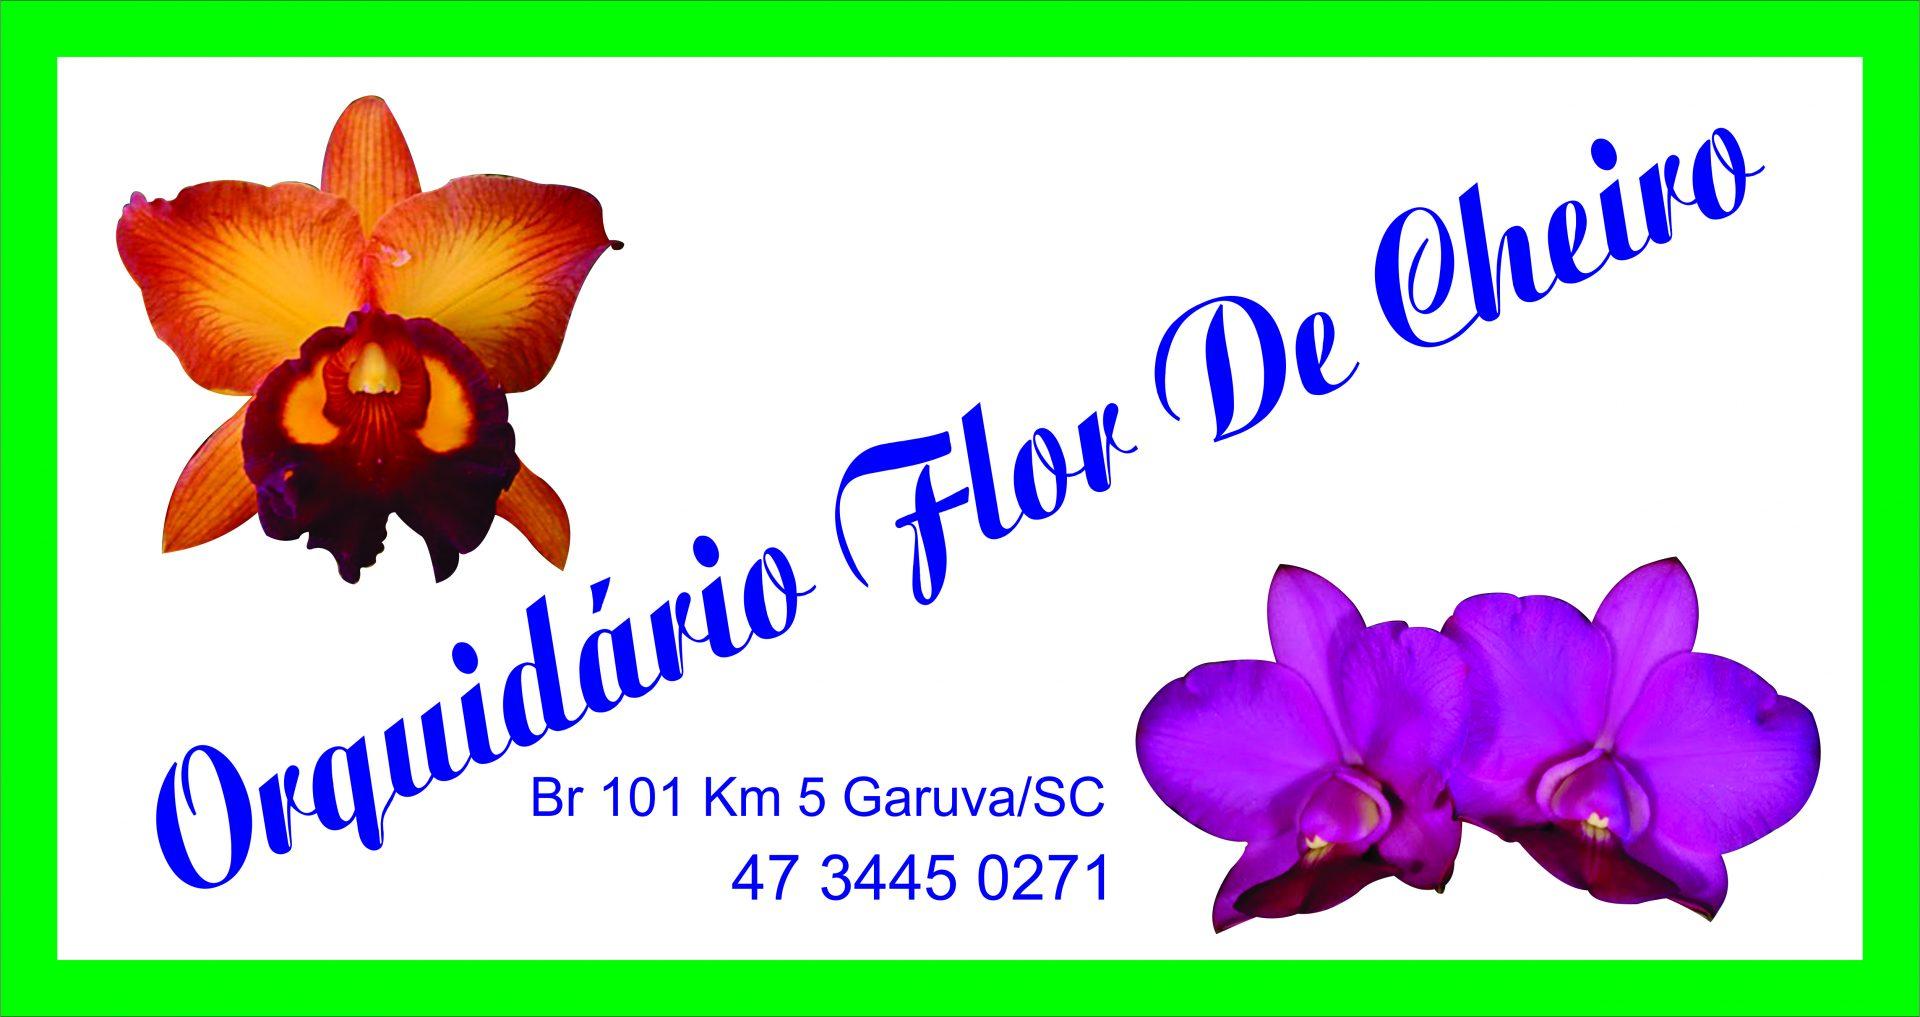 ORQUIDARIO FLOR DE CHEIRO